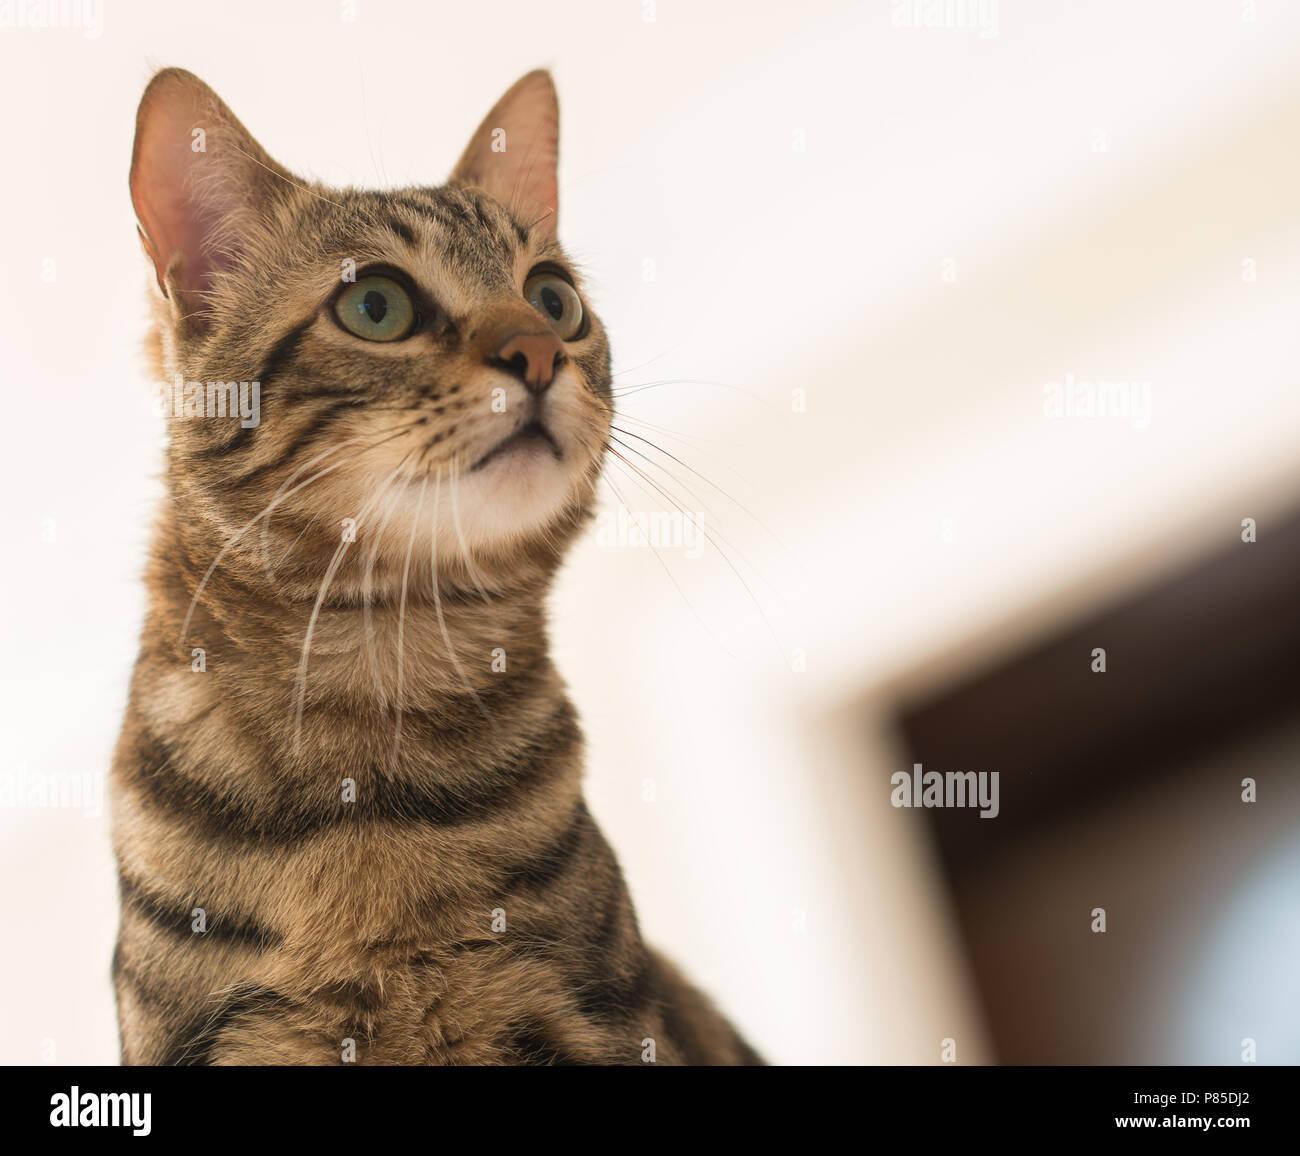 Belle feline chat à la maison. Animal domestique Photo Stock